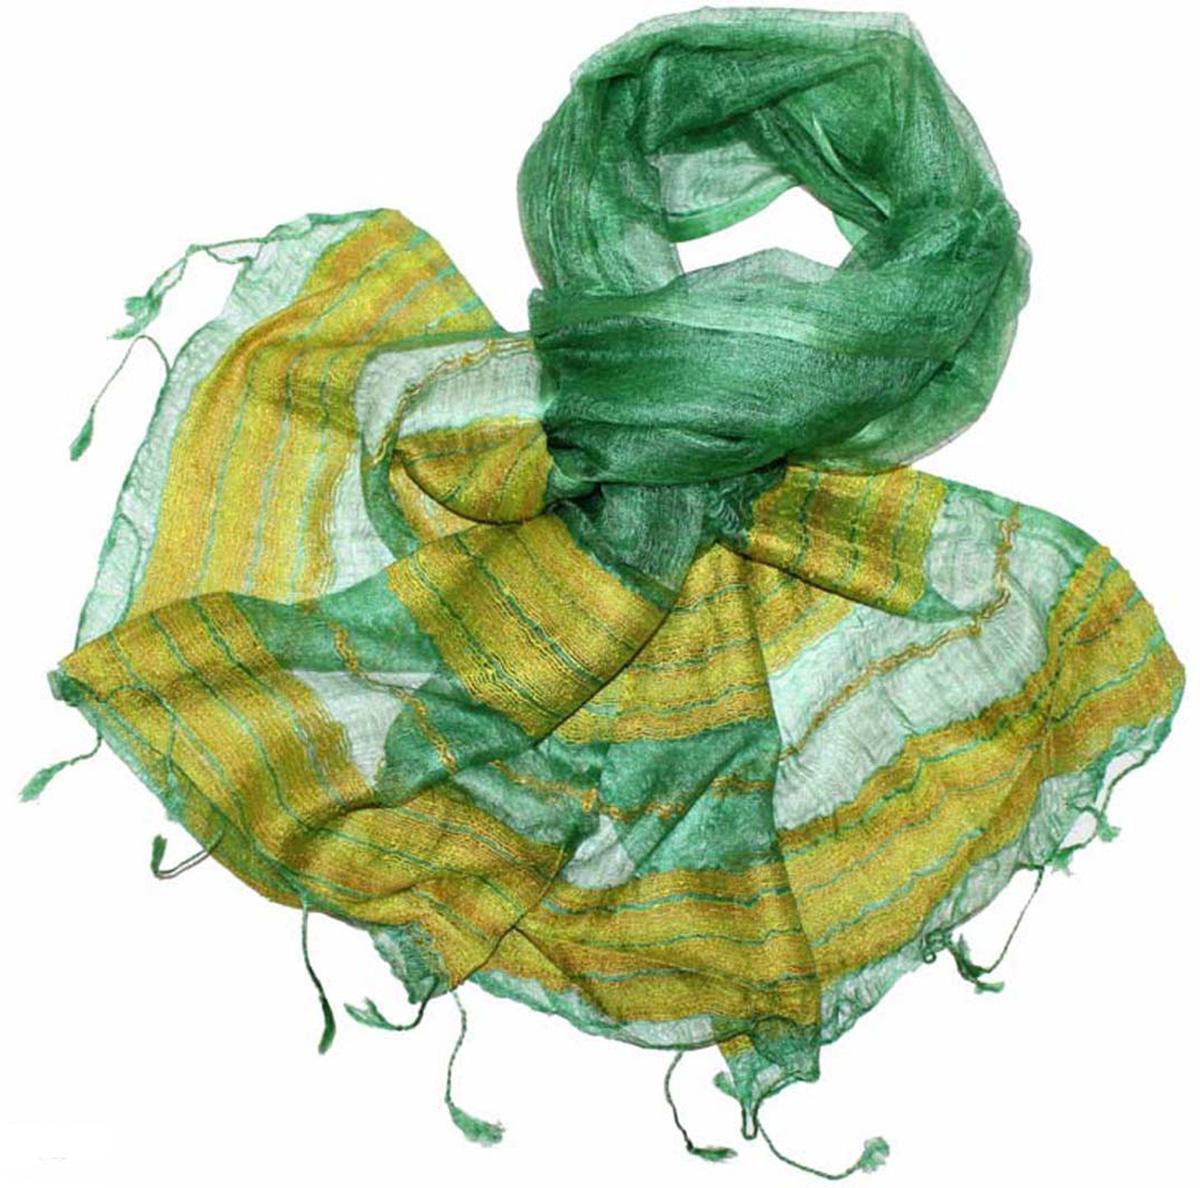 Палантин женский Ethnica, цвет: зеленый, желтый. 761125. Размер 70 см х 180 см761125Стильный палантин привлекательной расцветки с кисточками по краям изготовлен из шелка. Он удачно дополнит ваш гардероб и поможет создать новый повседневный образ, добавить в него яркие краски. Отличный вариант для тех, кто стремится к самовыражению и новизне!